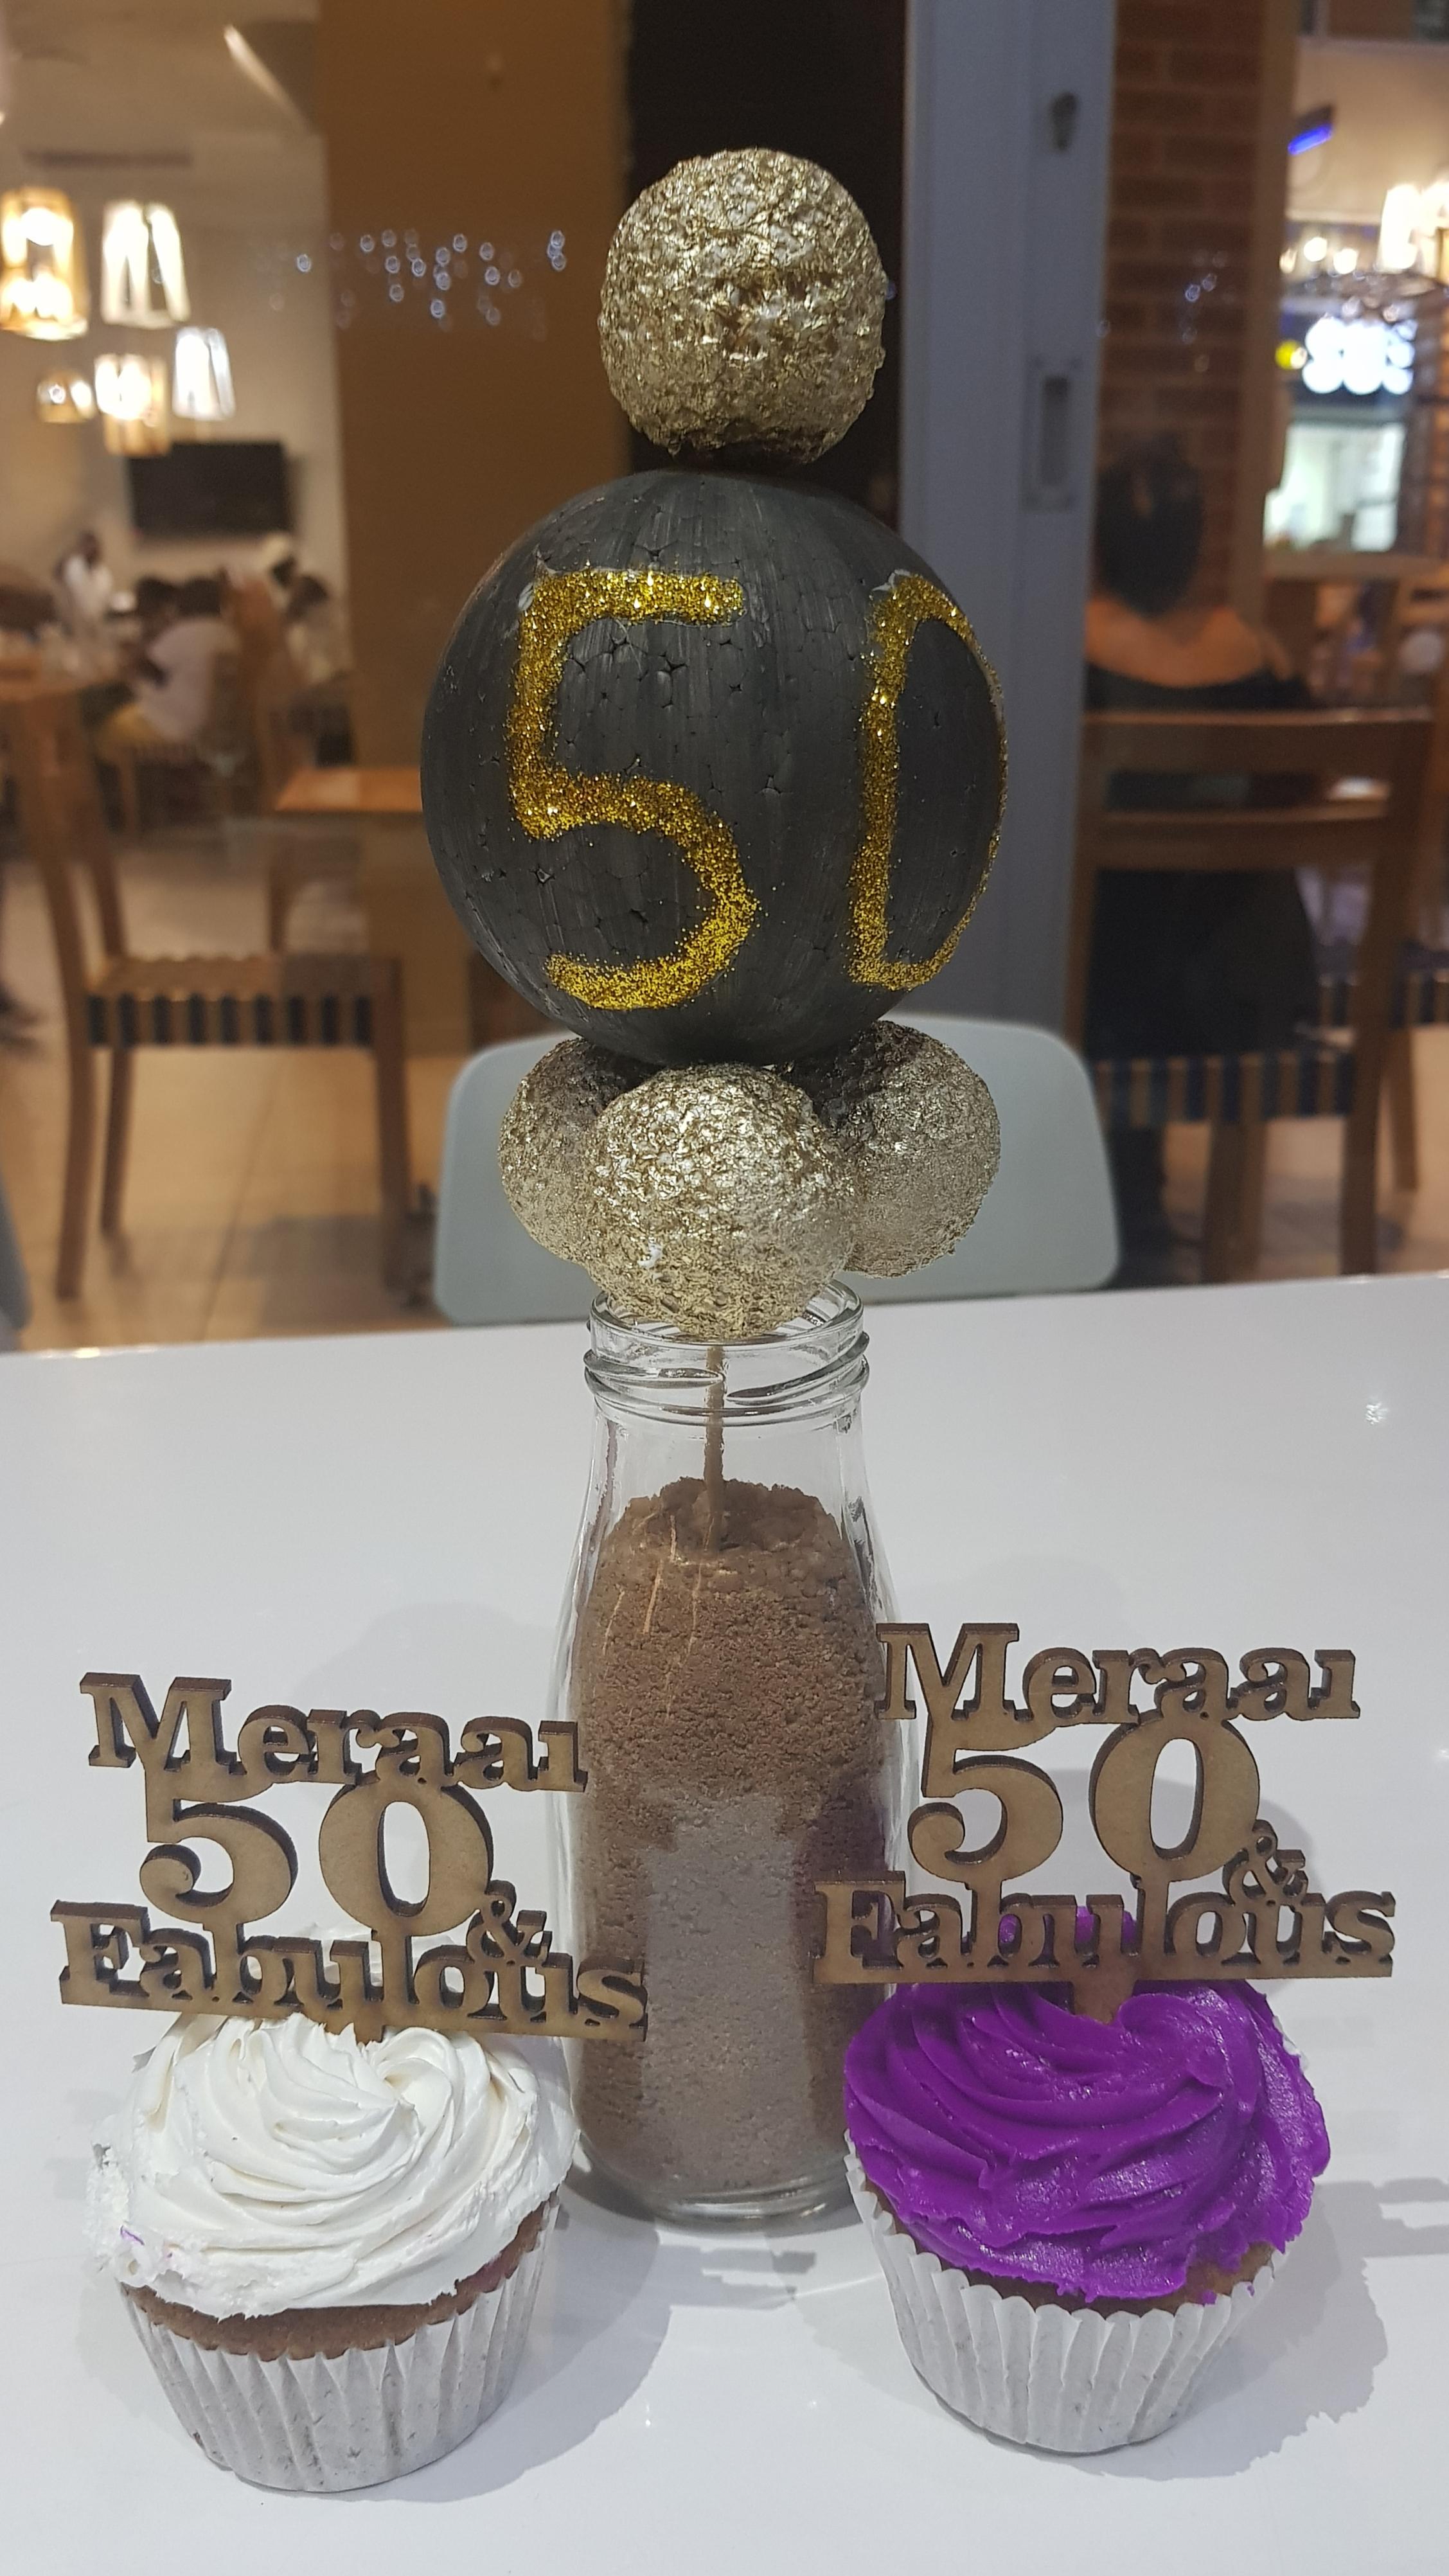 CUP CAKE MERAAI.jpg